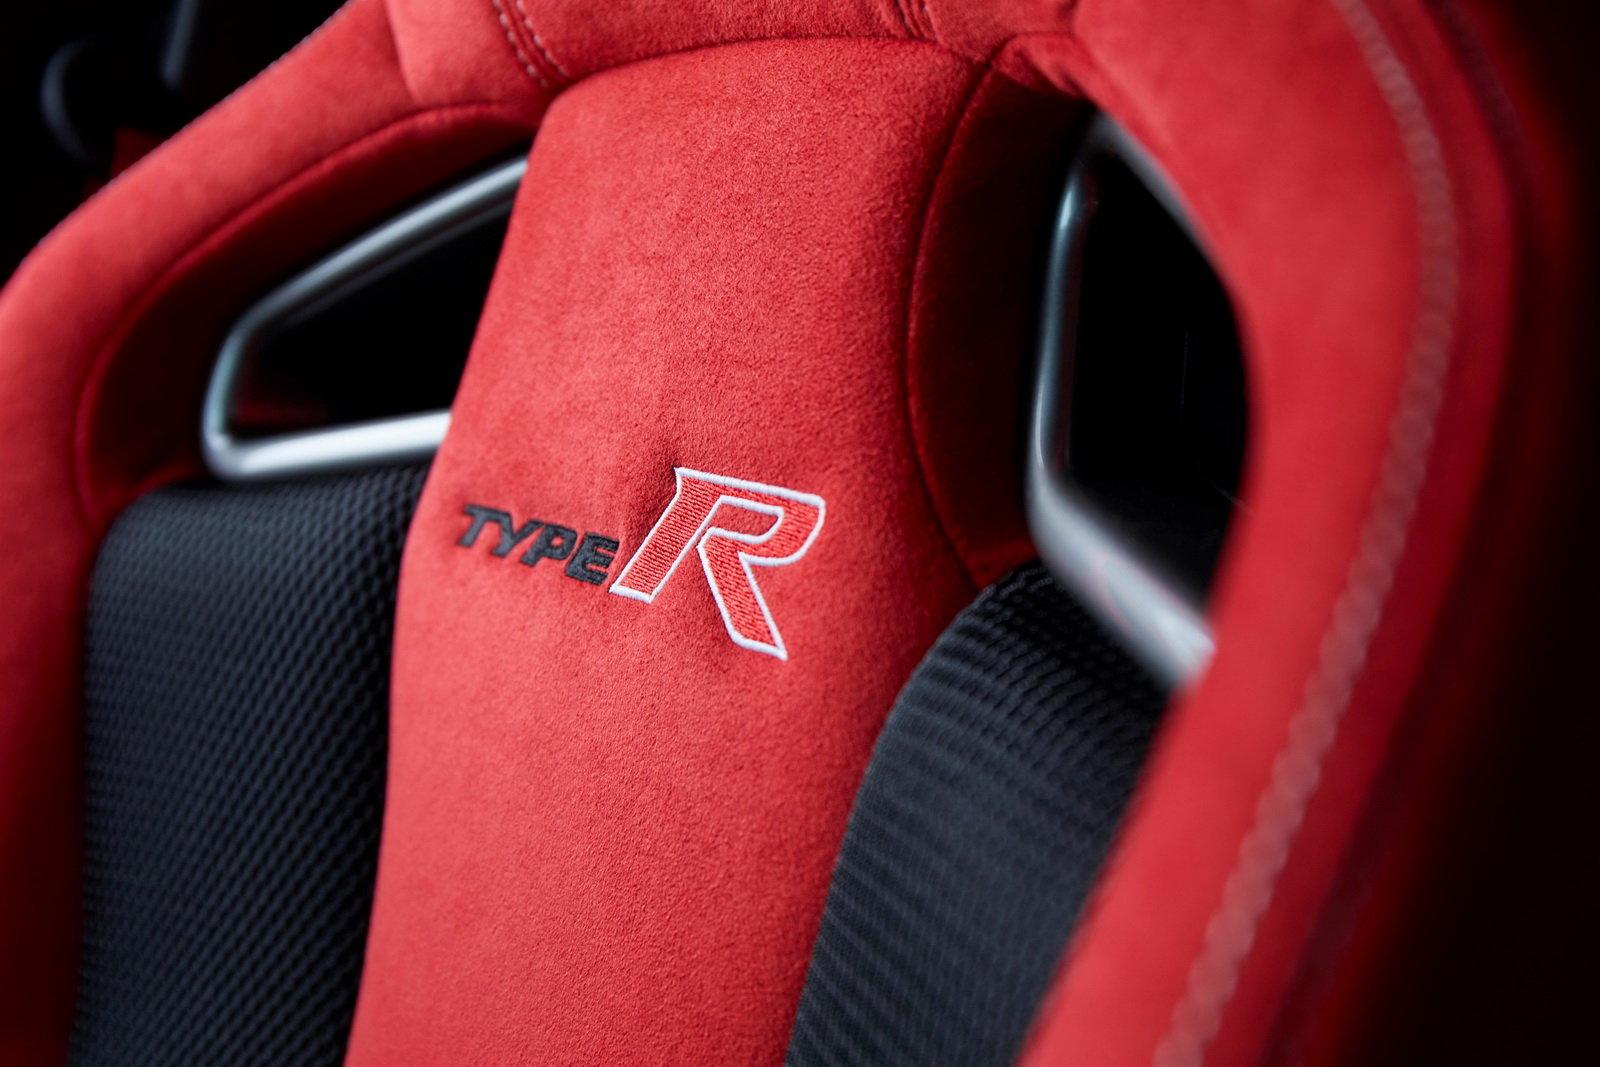 Fotografie č. 15 u článku Honda Civic Type R sbírá další vavříny e79982b0c1